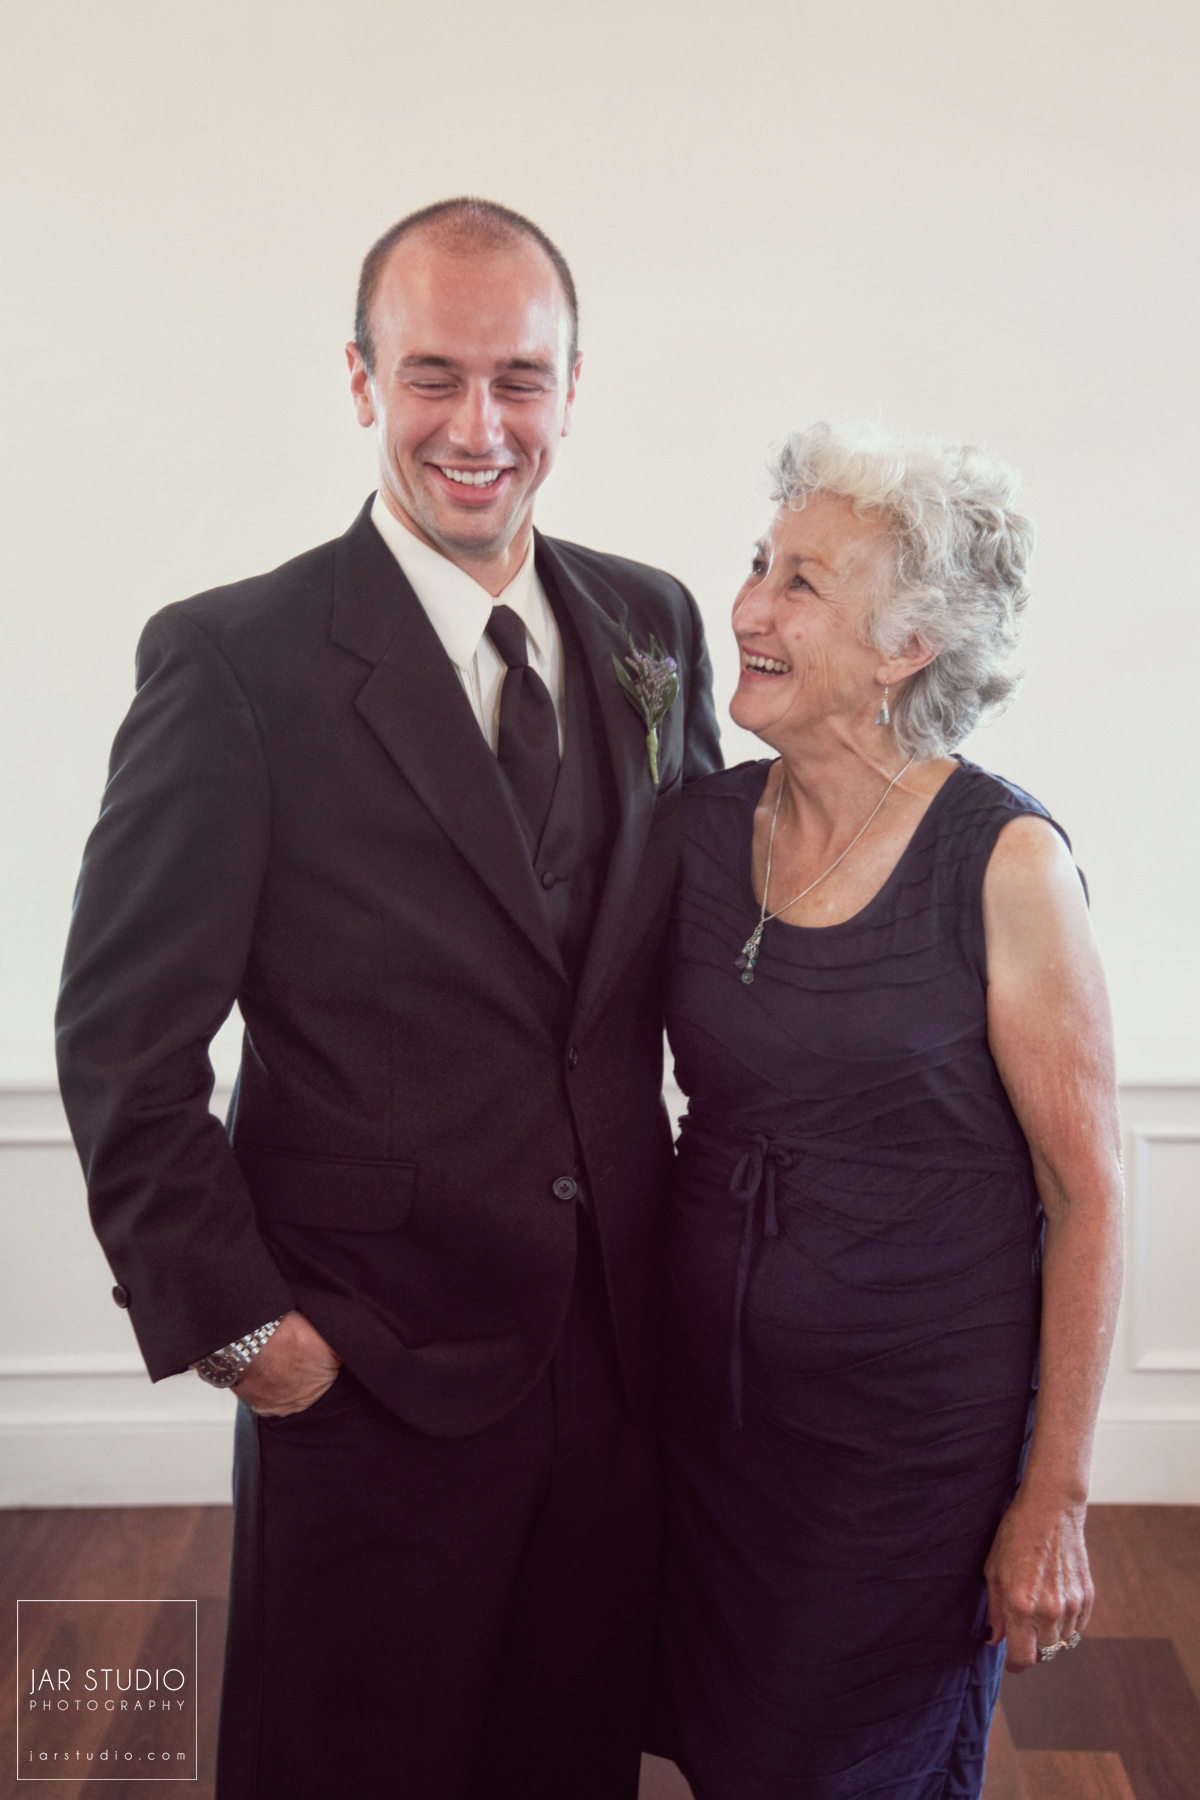 18-mother-groom-wedding-day-jarstudio-photography.JPG